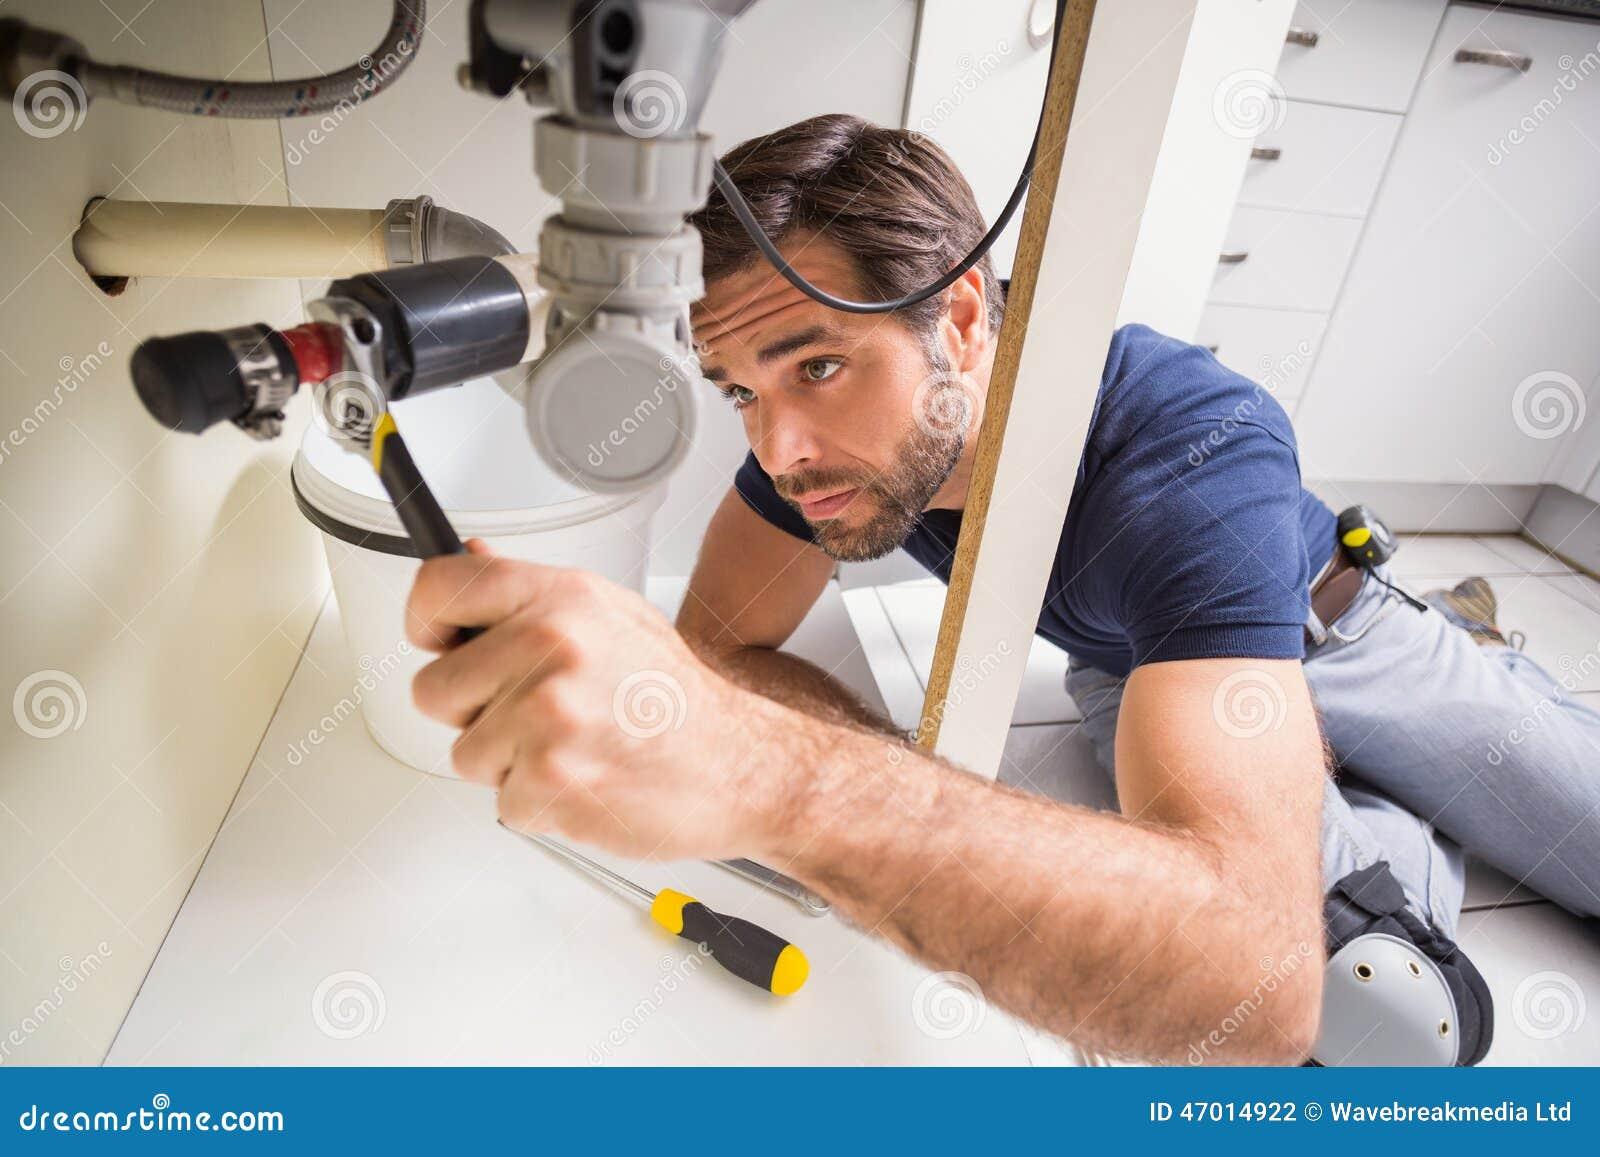 Fixing Leak Under Sink Kitchen